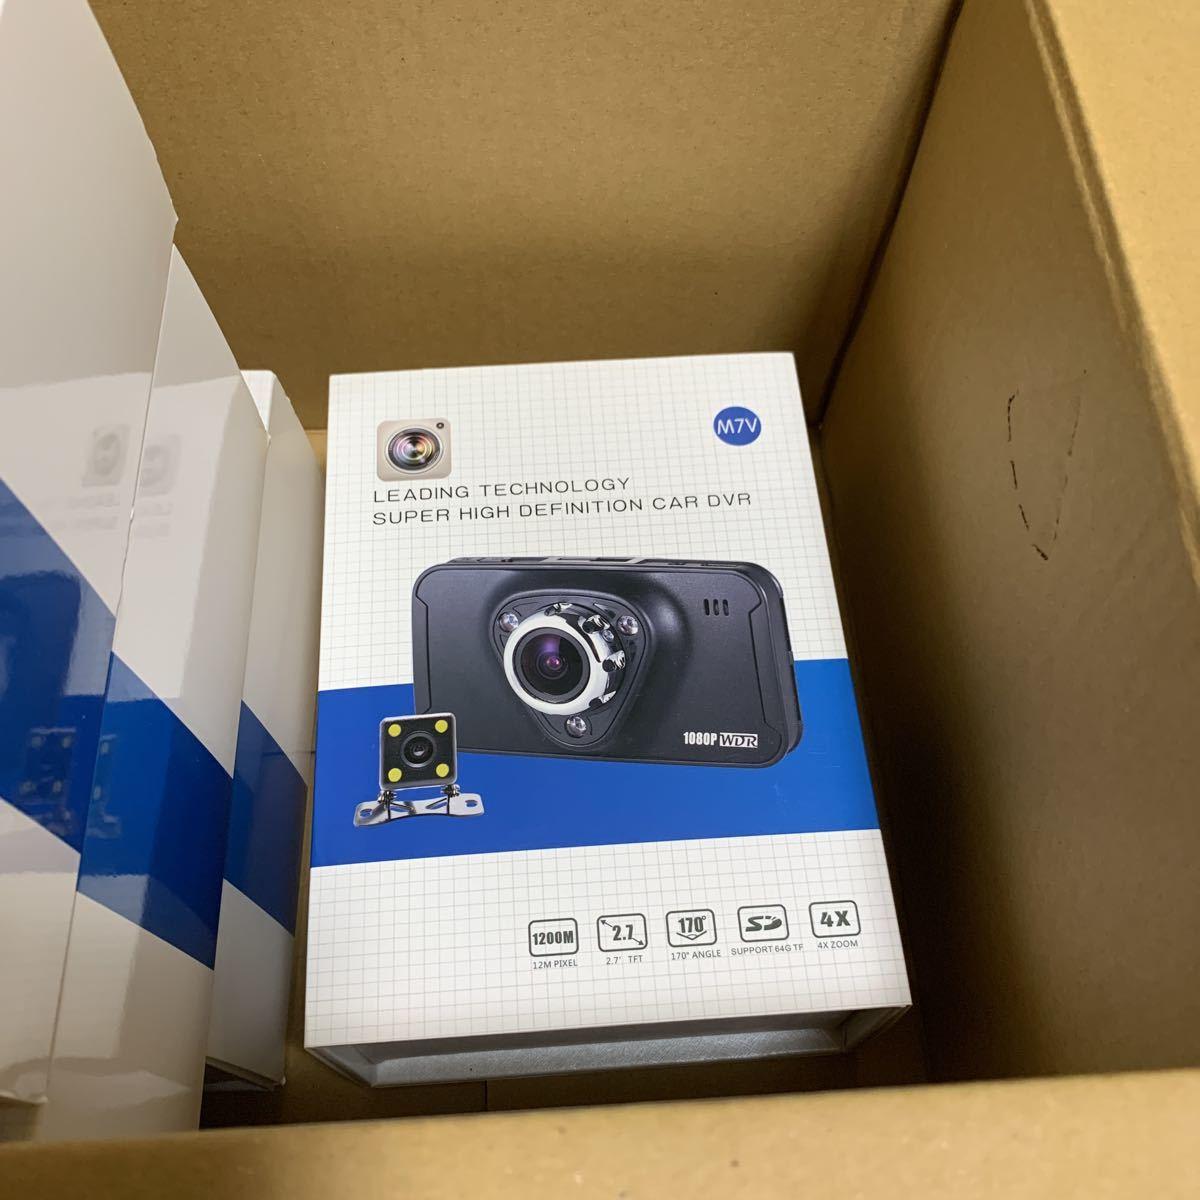 ドライブレコーダー 前後カメラ 1080PフルHD 170度広角レンズ 5.0インチ 暗視カメラ 2.7インチスクリーン LED赤線ライト No.4_画像7